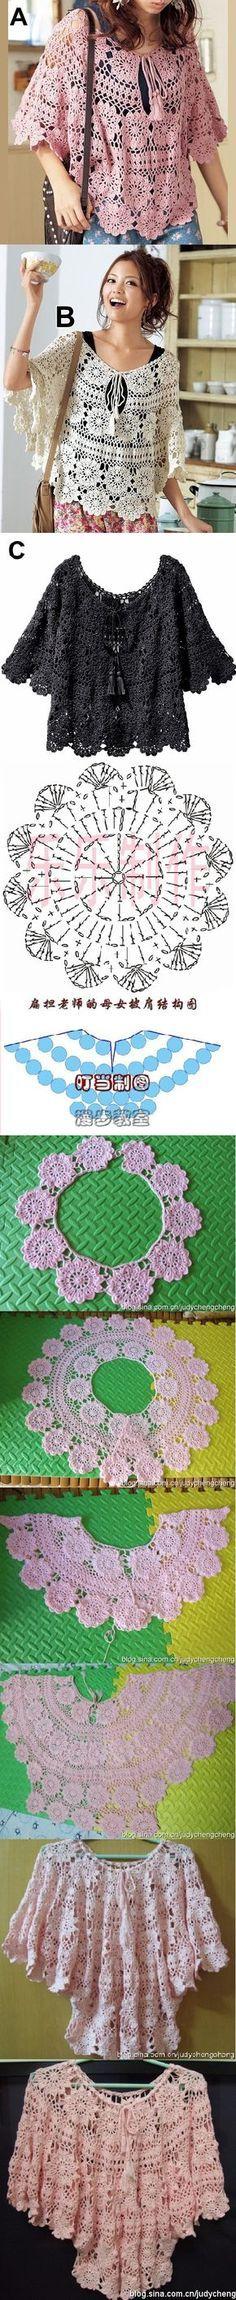 Poncho em crochê com flores (com gráfico)